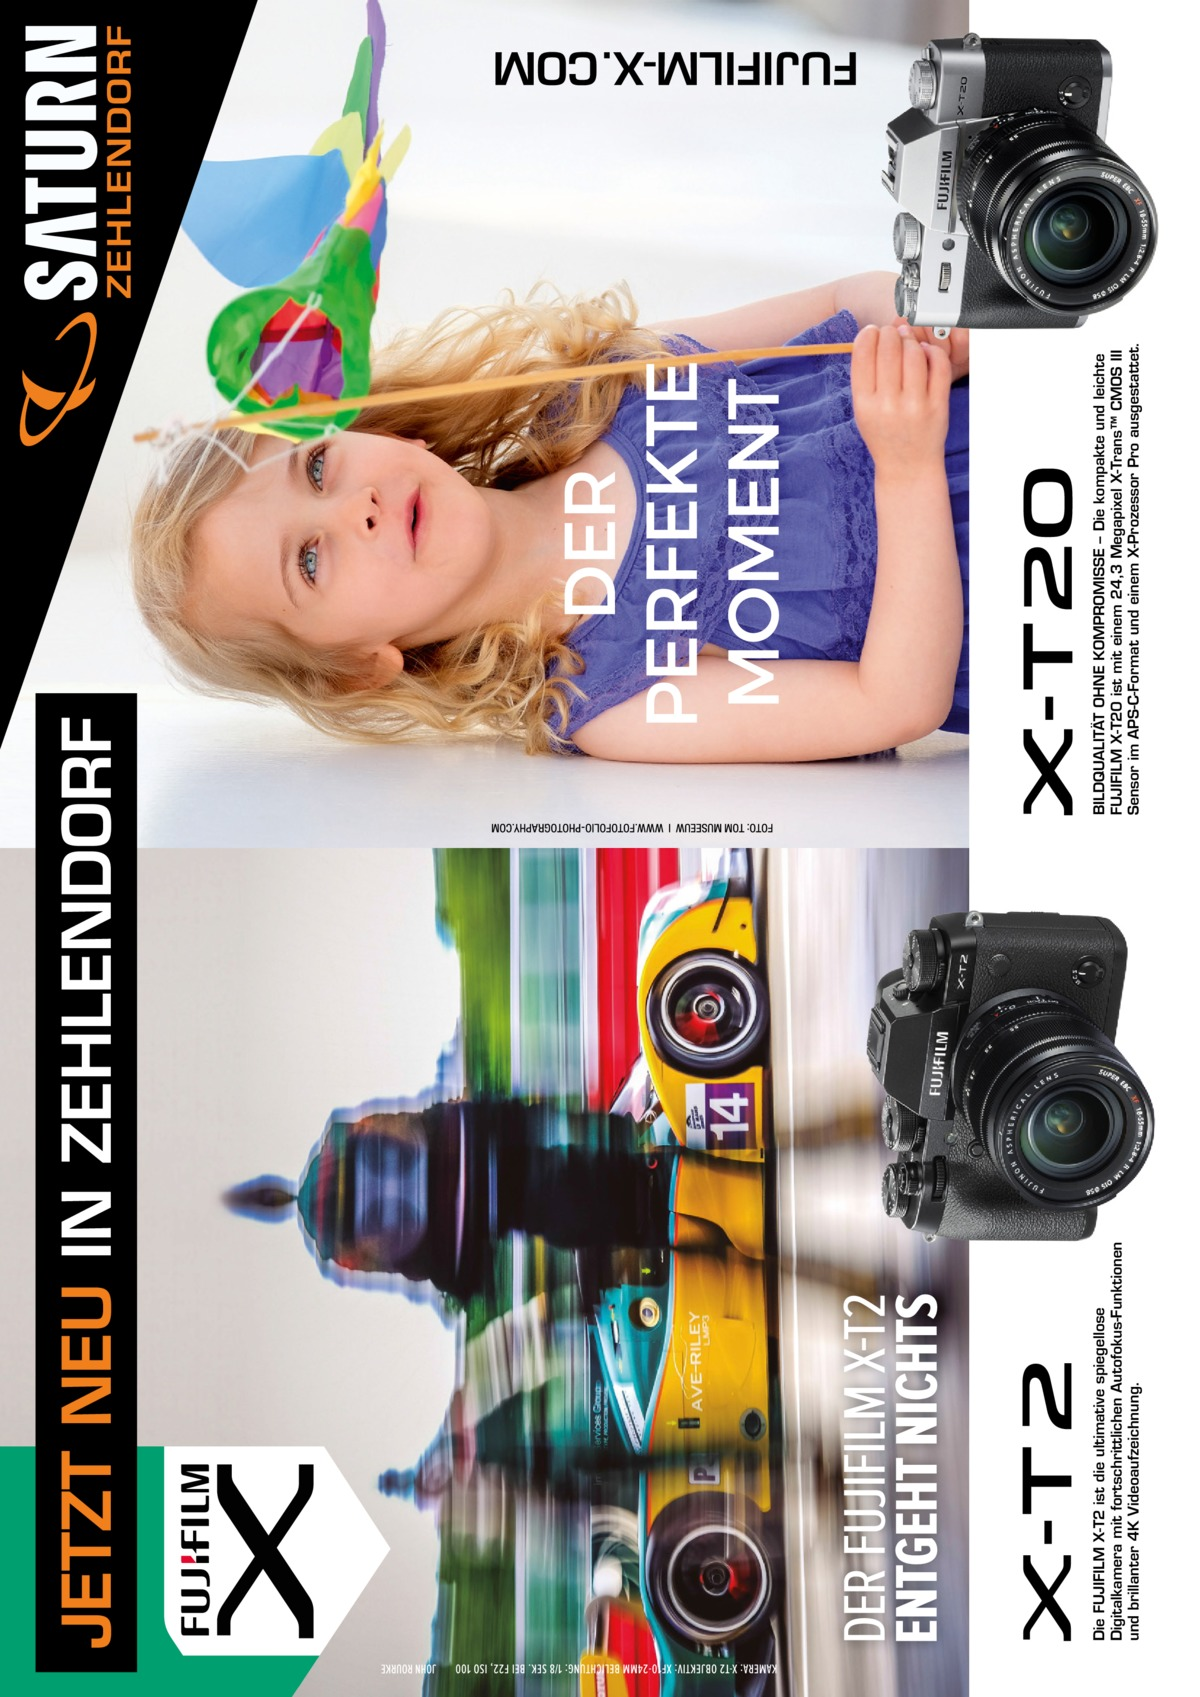 Die FUJIFILM X-T2 ist die ultimative spiegellose Digitalkamera mit fortschrittlichen Autofokus-Funktionen und brillanter 4K Videoaufzeichnung.  BILDQUALITÄT OHNE KOMPROMISSE – Die kompakte und leichte FUJIFILM X-T20 ist mit einem 24,3 Megapixel X-Trans™ CMOS III Sensor im APS-C-Format und einem X-Prozessor Pro ausgestattet.  JETZT NEU IN ZEHLENDORF  ZEHLENDORF  FUJIFILM-X.COM